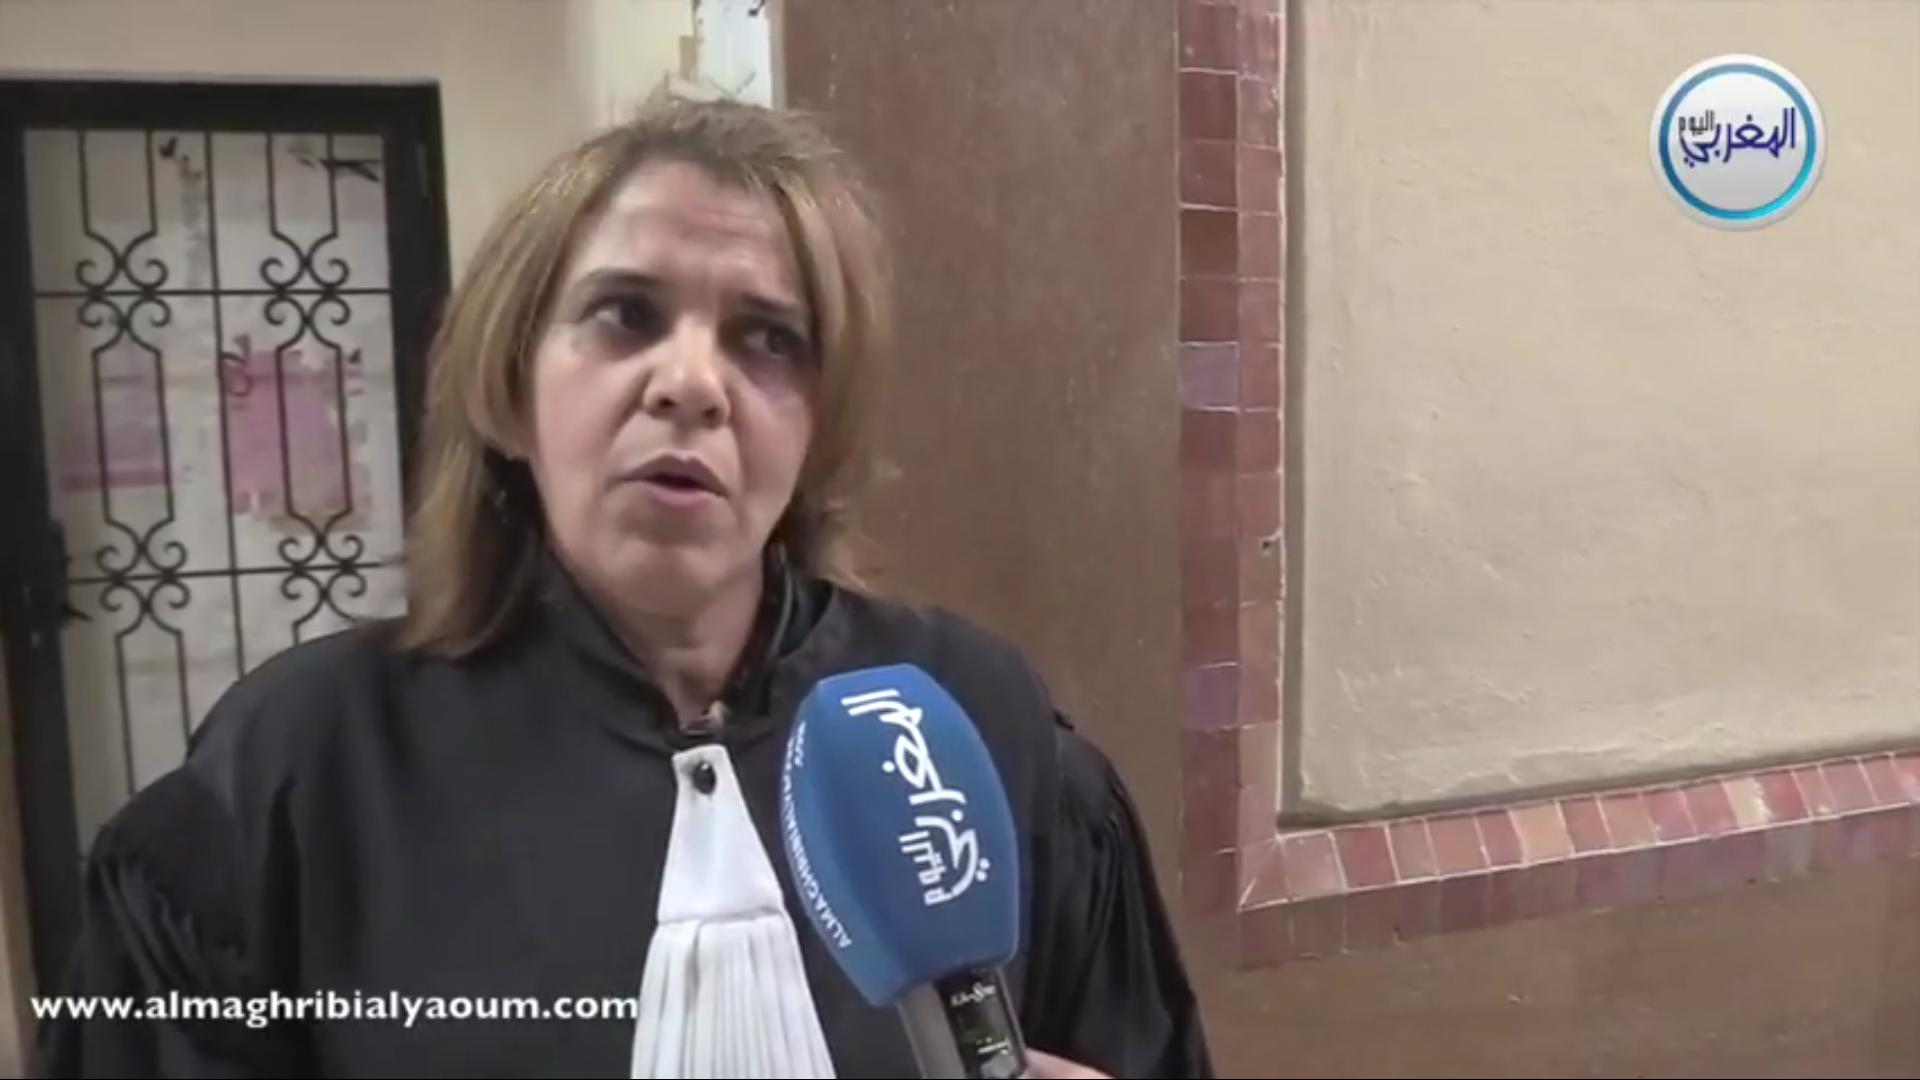 بالفيديو… تعرف على أجواء محاكمة بوعشرين اليوم وتصريحات دفاع الضحايا ومحامي المتهم